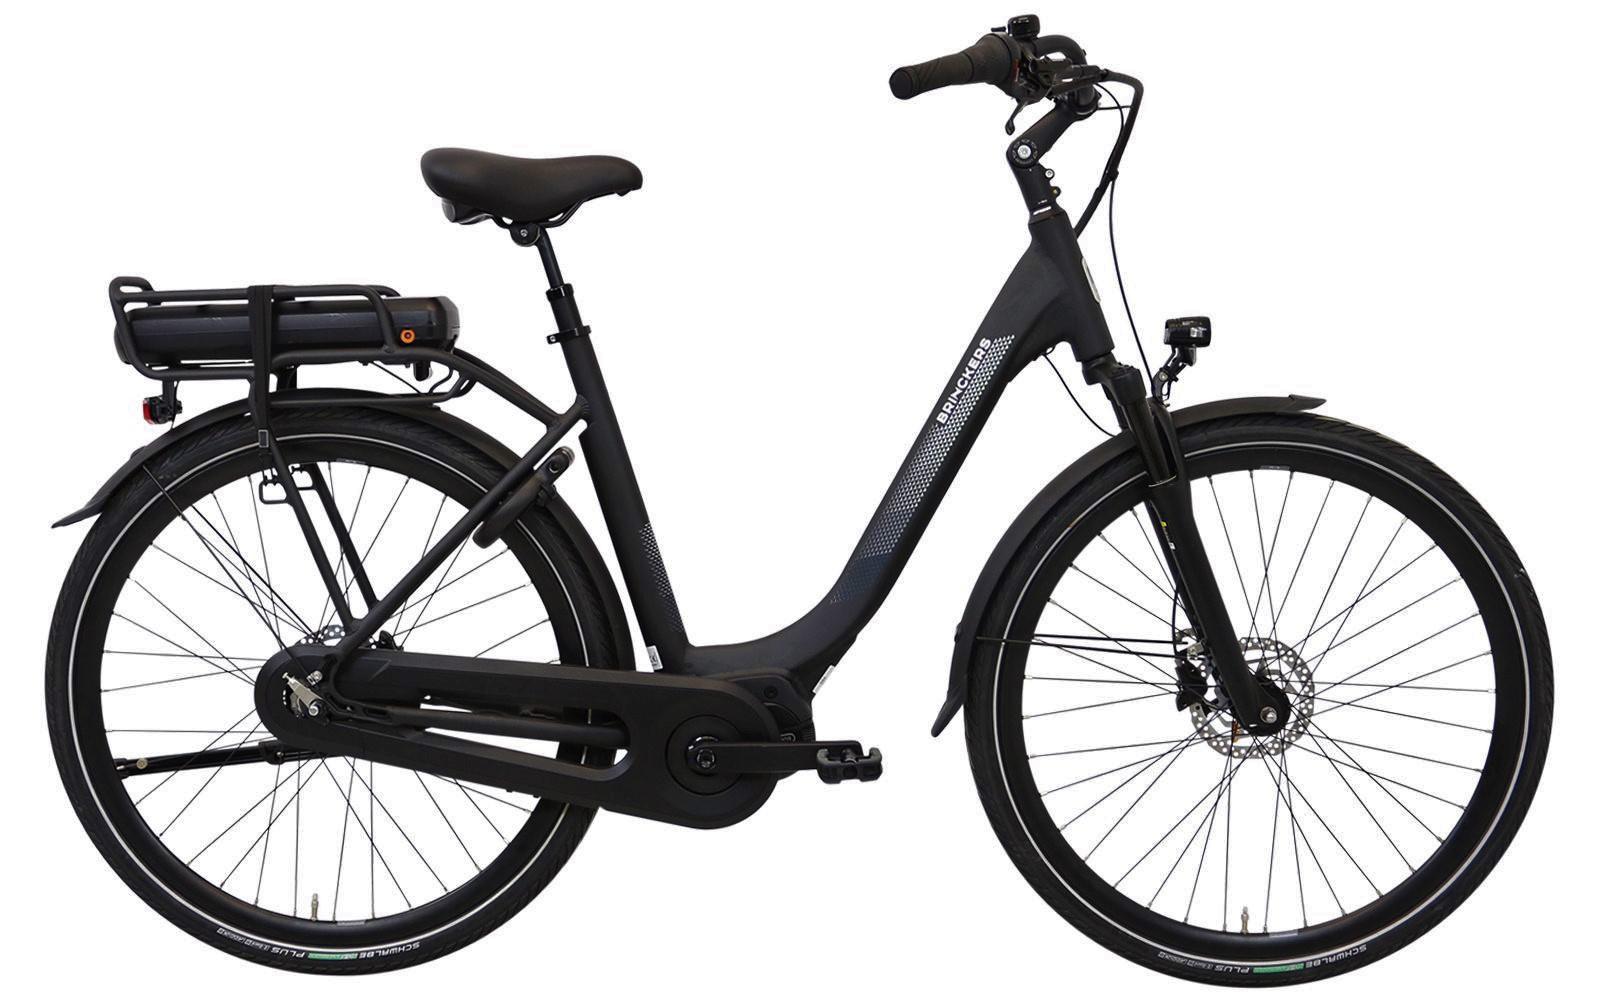 Brinckers Brisbane elektrische fiets 8V met middenmotor